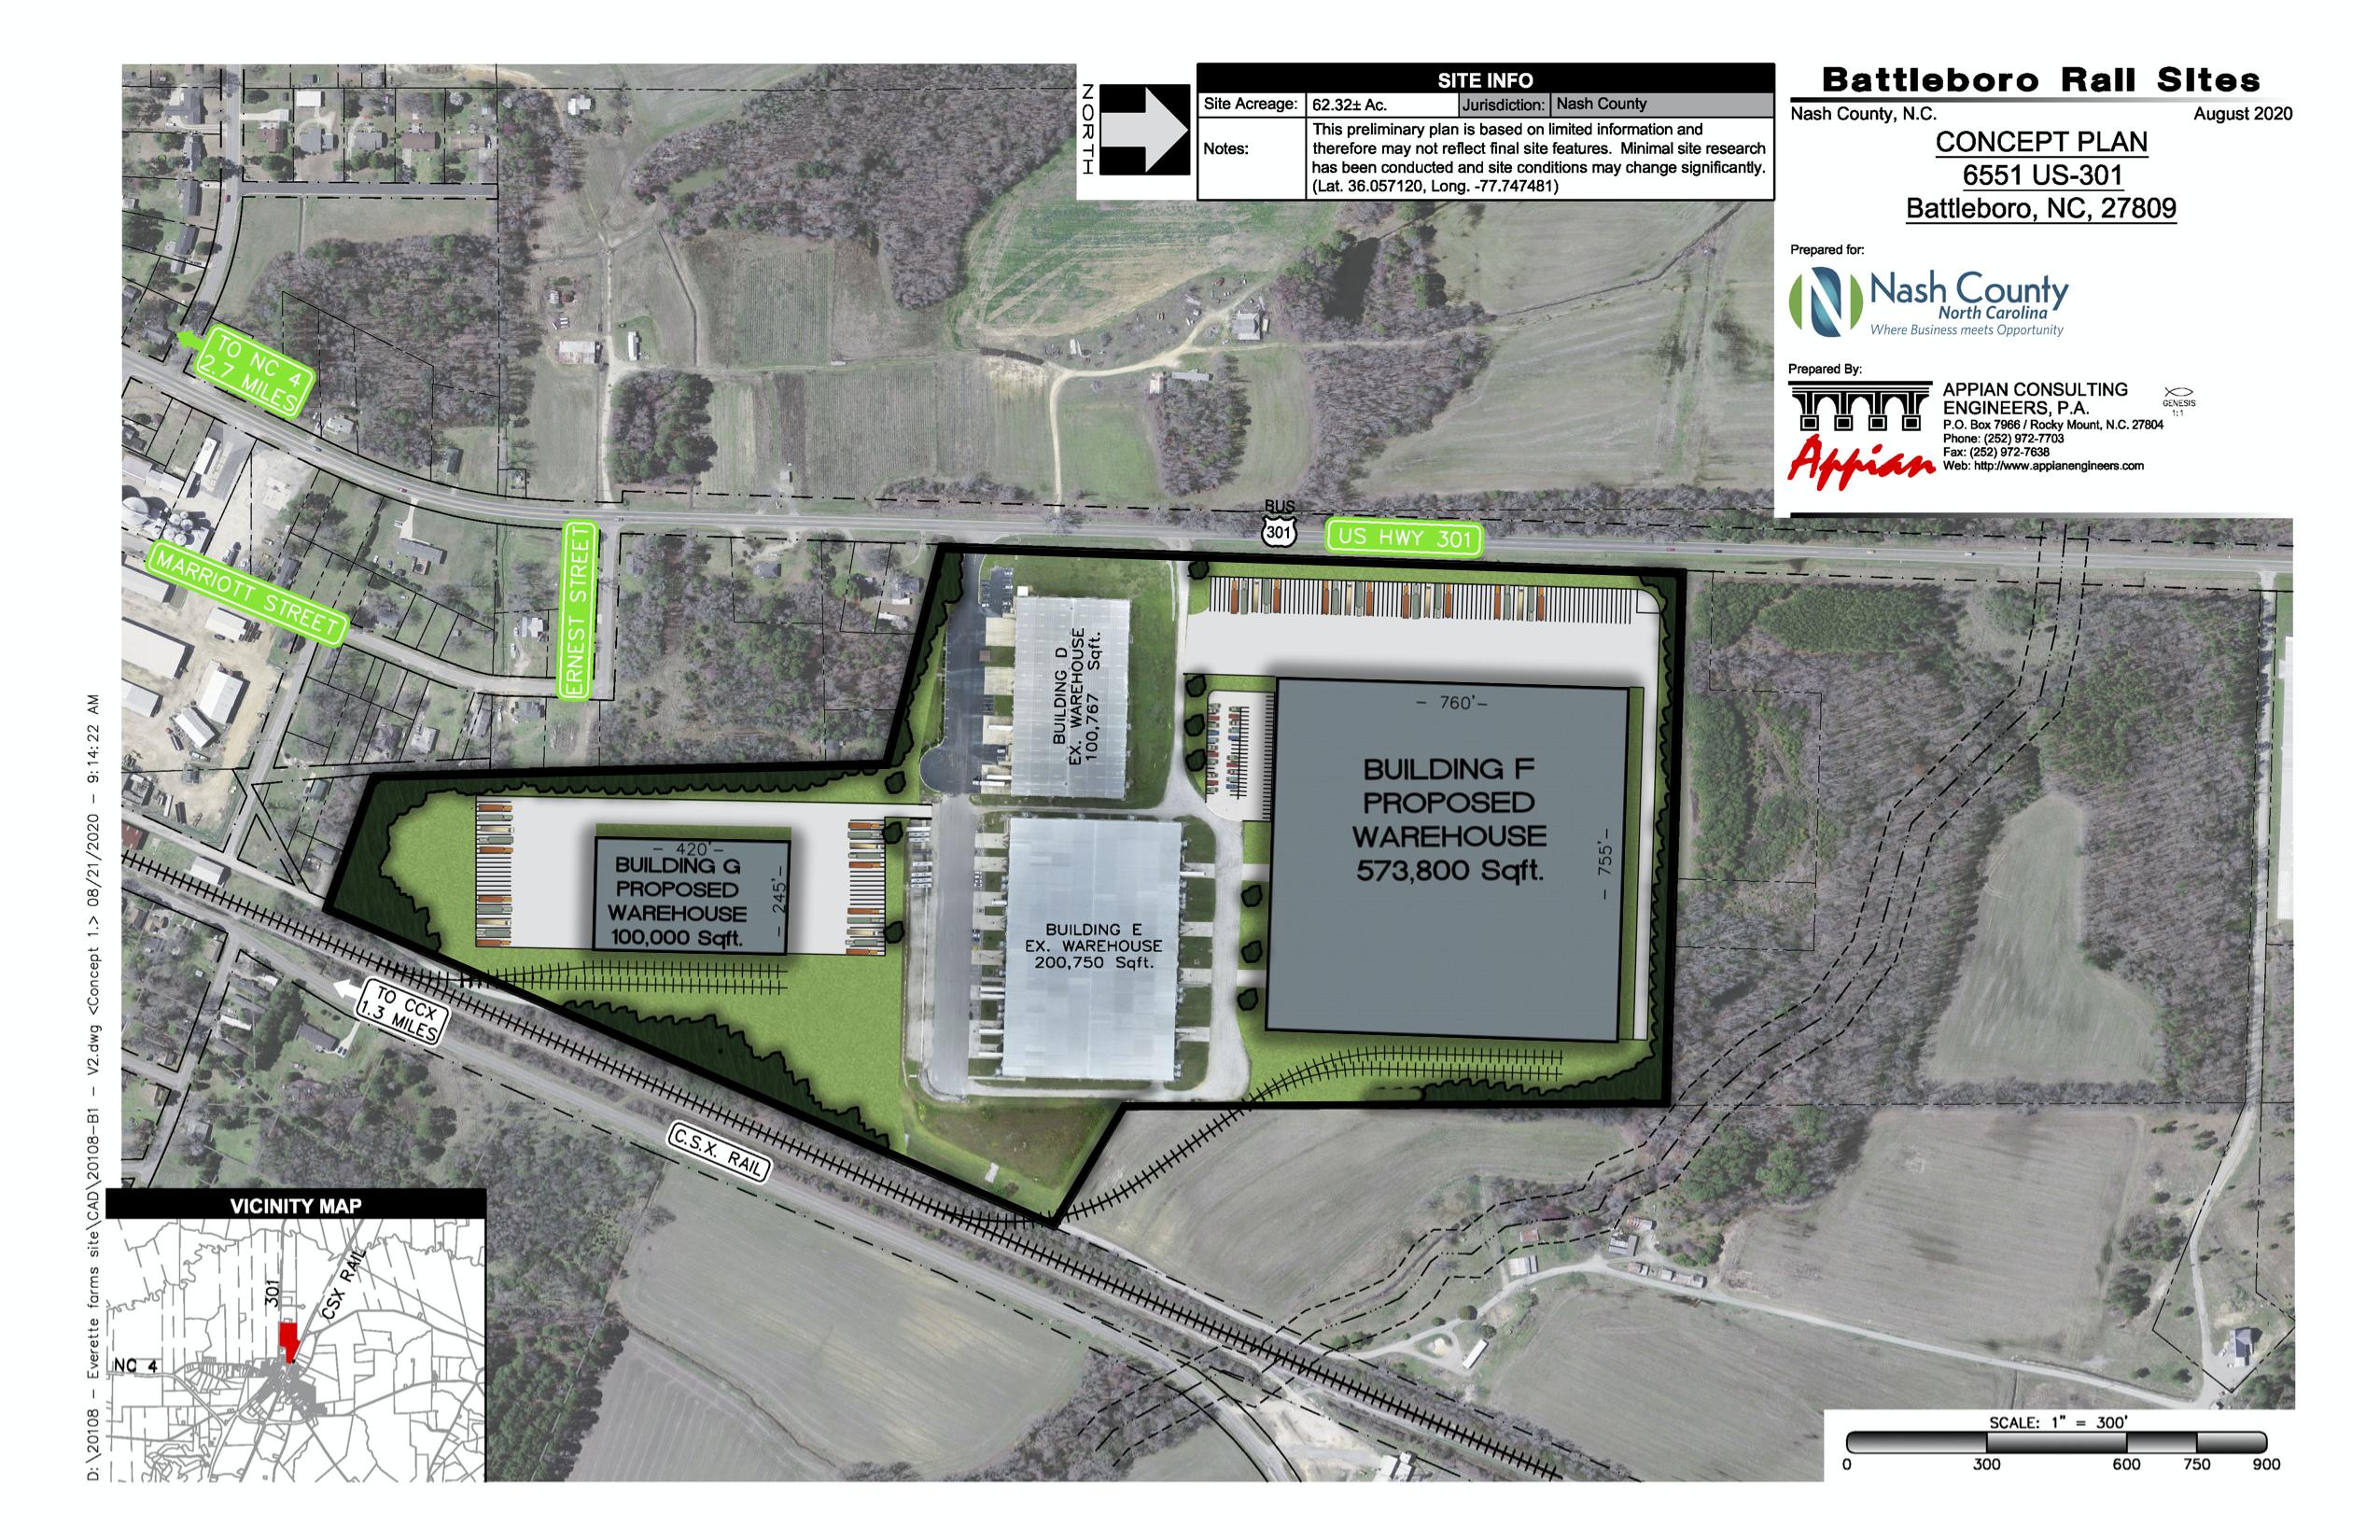 Nash- AvailSite-Battleboro Rail Site Concept Plan